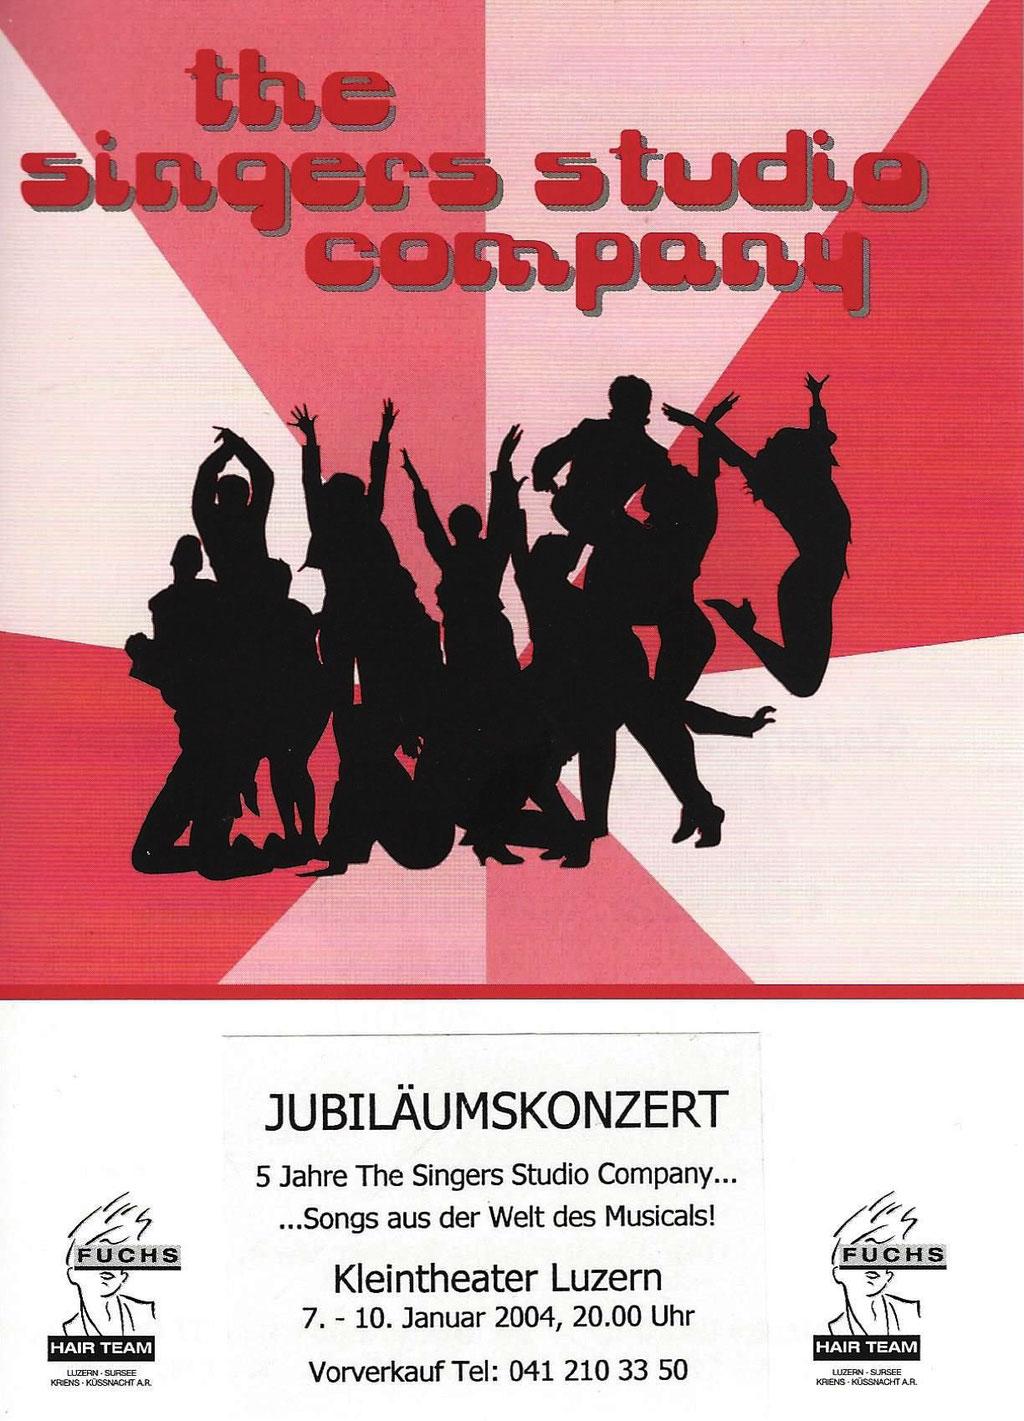 2004 JUBILÄUMSKONZERT